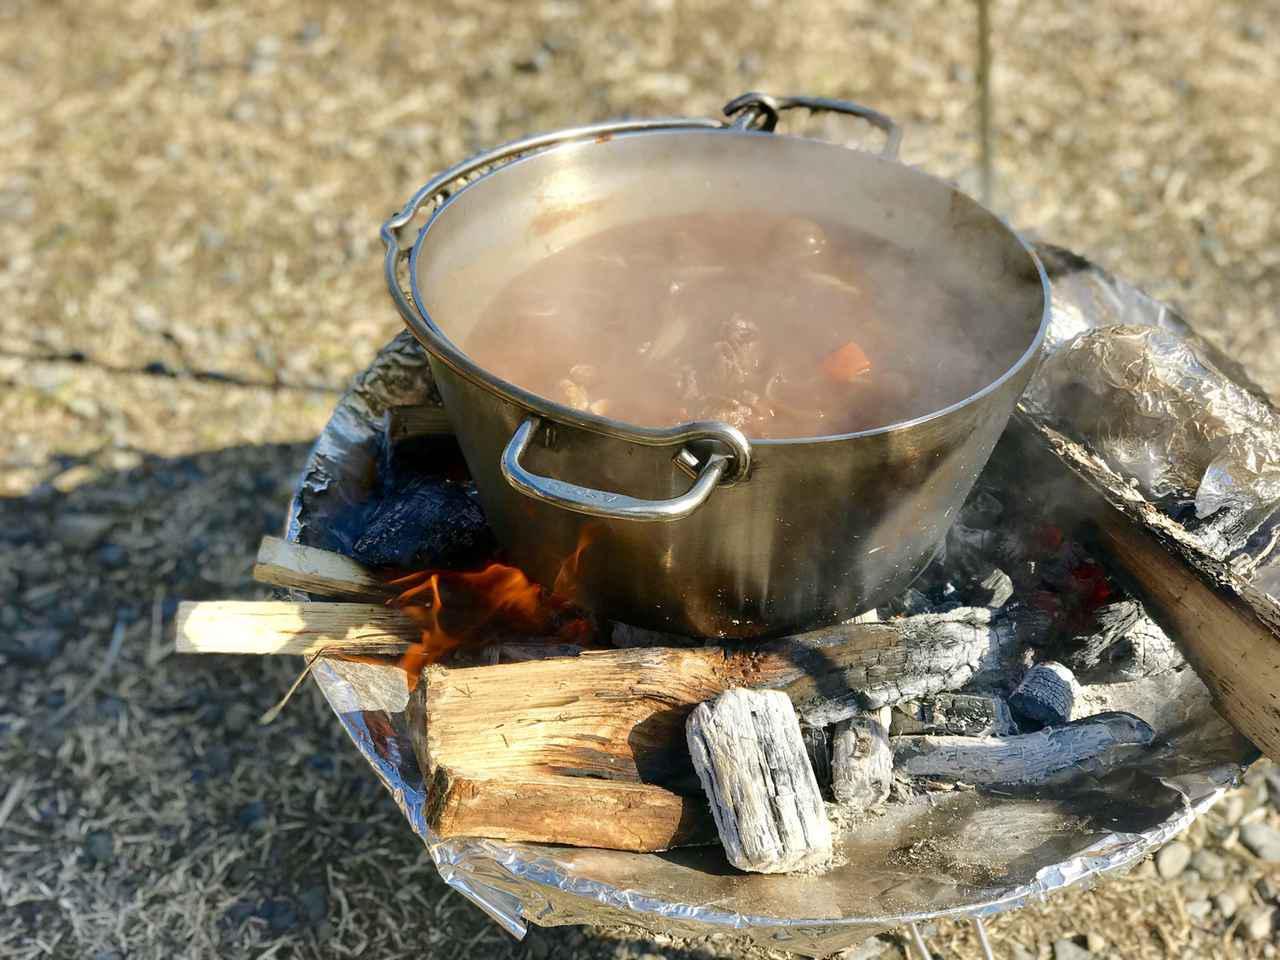 画像: 【ダッチオーブンの選び方】定番は鋳鉄製! シーズニング不要なステンレス製も便利